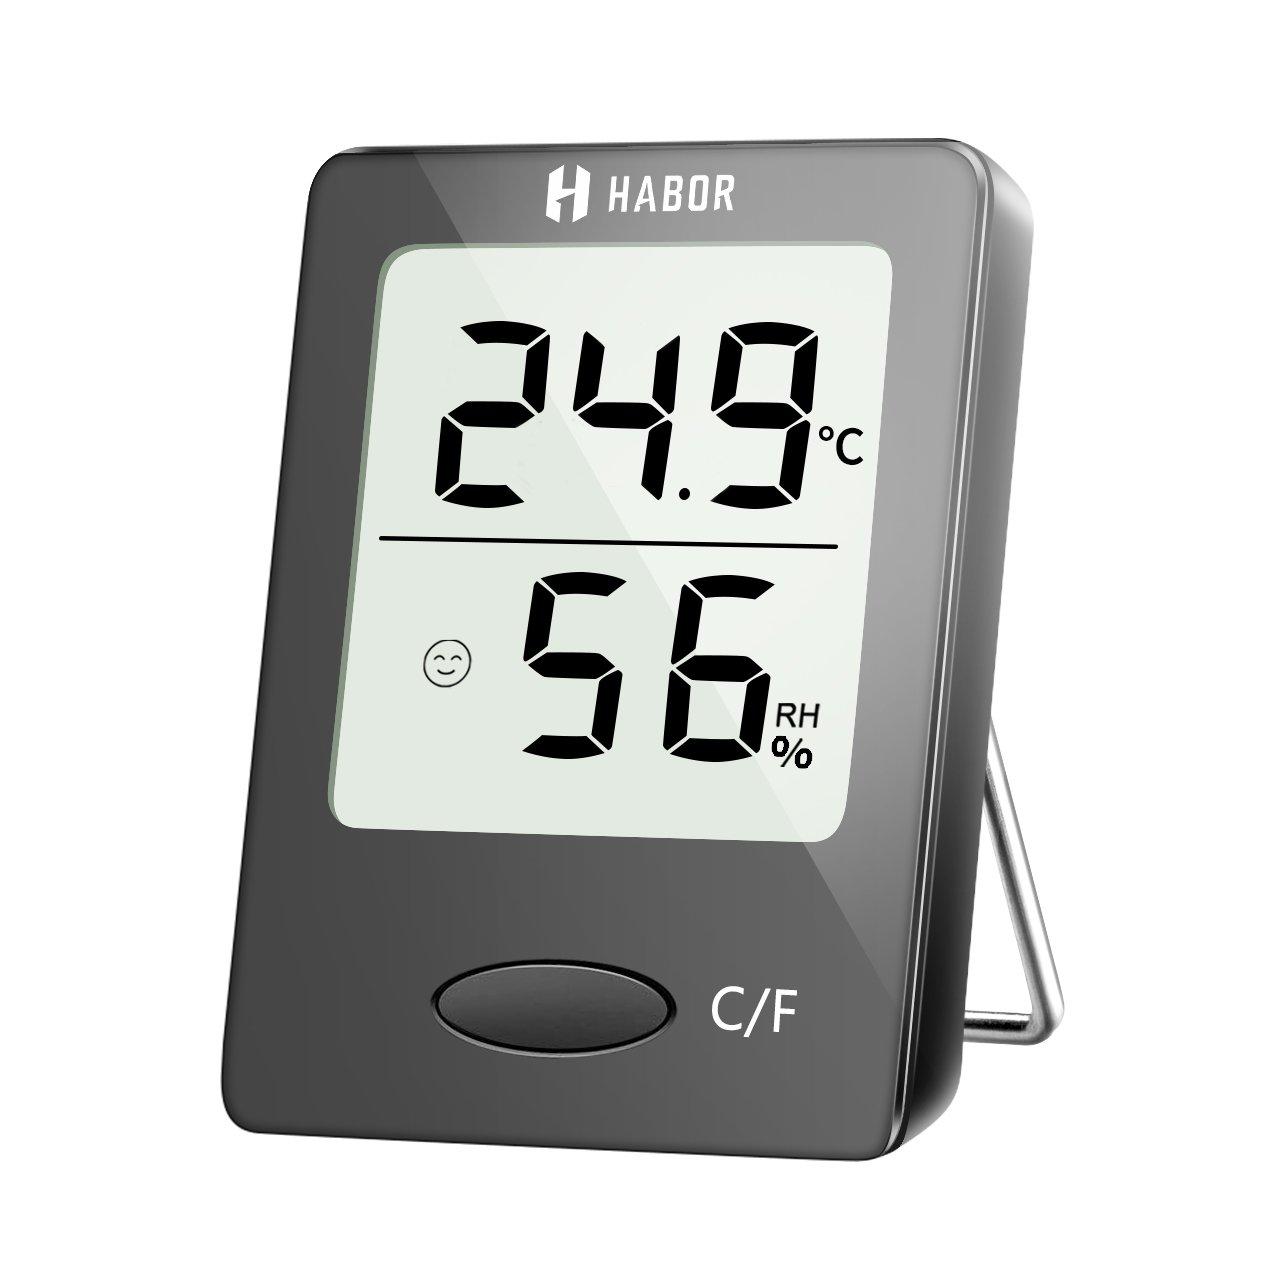 Thermo-Hygrometer, Habor Digitales, Tragbares Innen Thermometer, Temperatur-Feuchte mit hohen Genauigkeit, Komfortanzeige, Tisch Stehen, Wandbehang, Magneten Attaching, Thermometer und Hygrometer für Babyraum, Wohnzimmer, Büro, usw. Büro